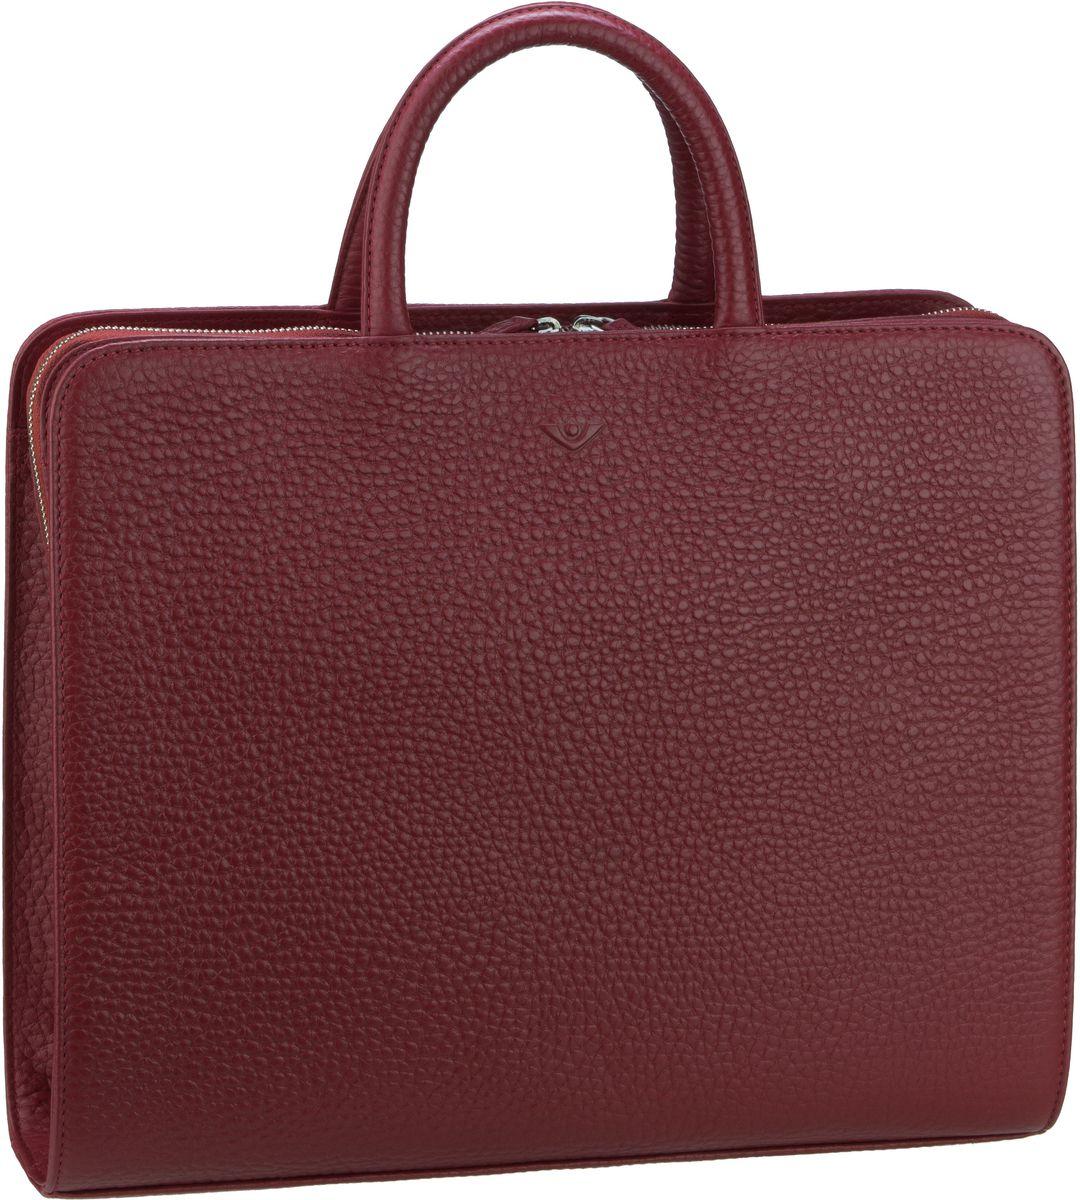 Businesstaschen für Frauen - Voi Aktenmappe Hirsch 10517 Ordner Tasche A4 Granat  - Onlineshop Taschenkaufhaus